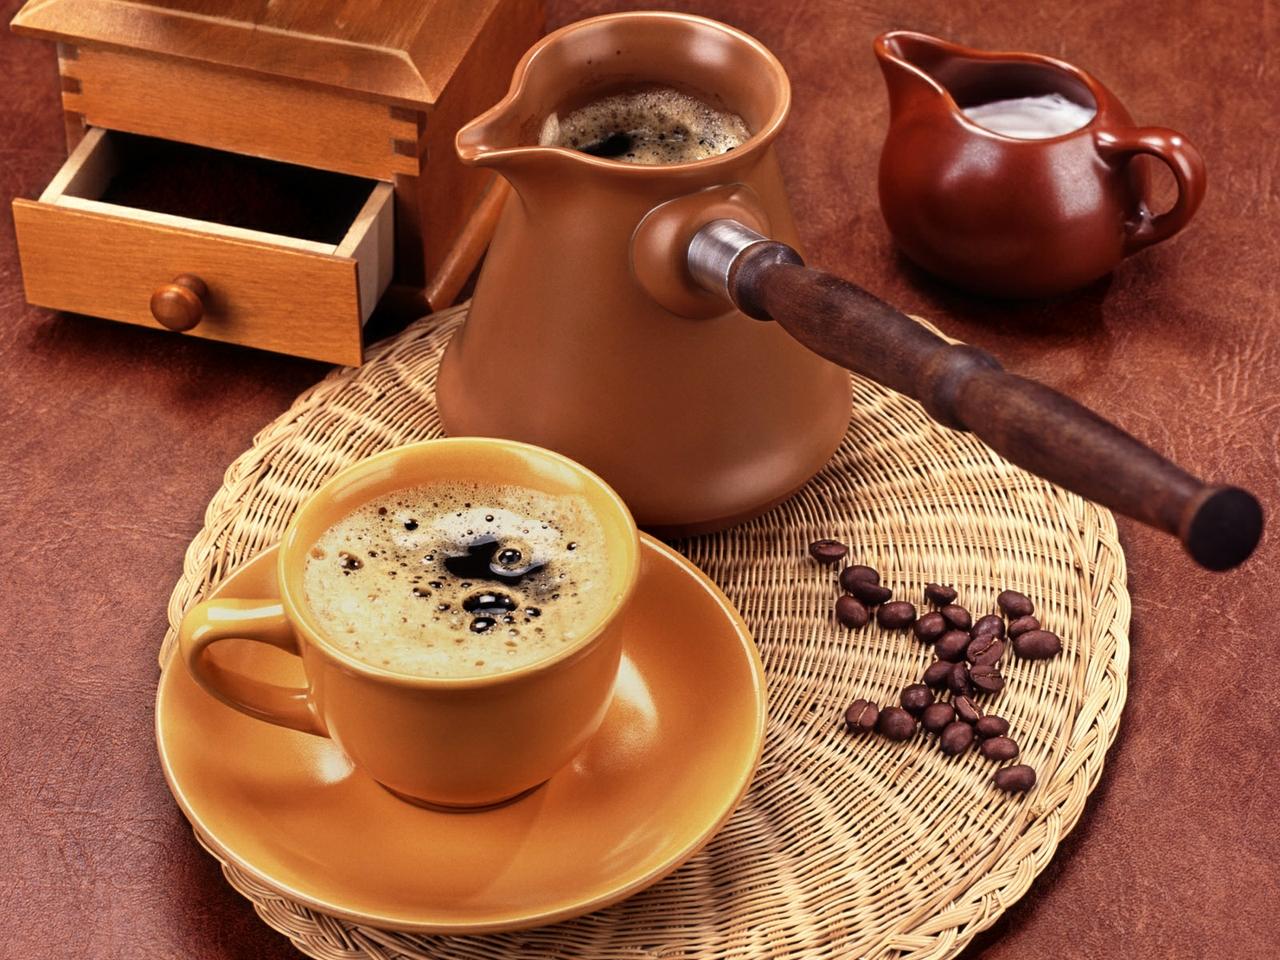 Είναι τελικά πιο υγιεινός ο ελληνικός καφές;